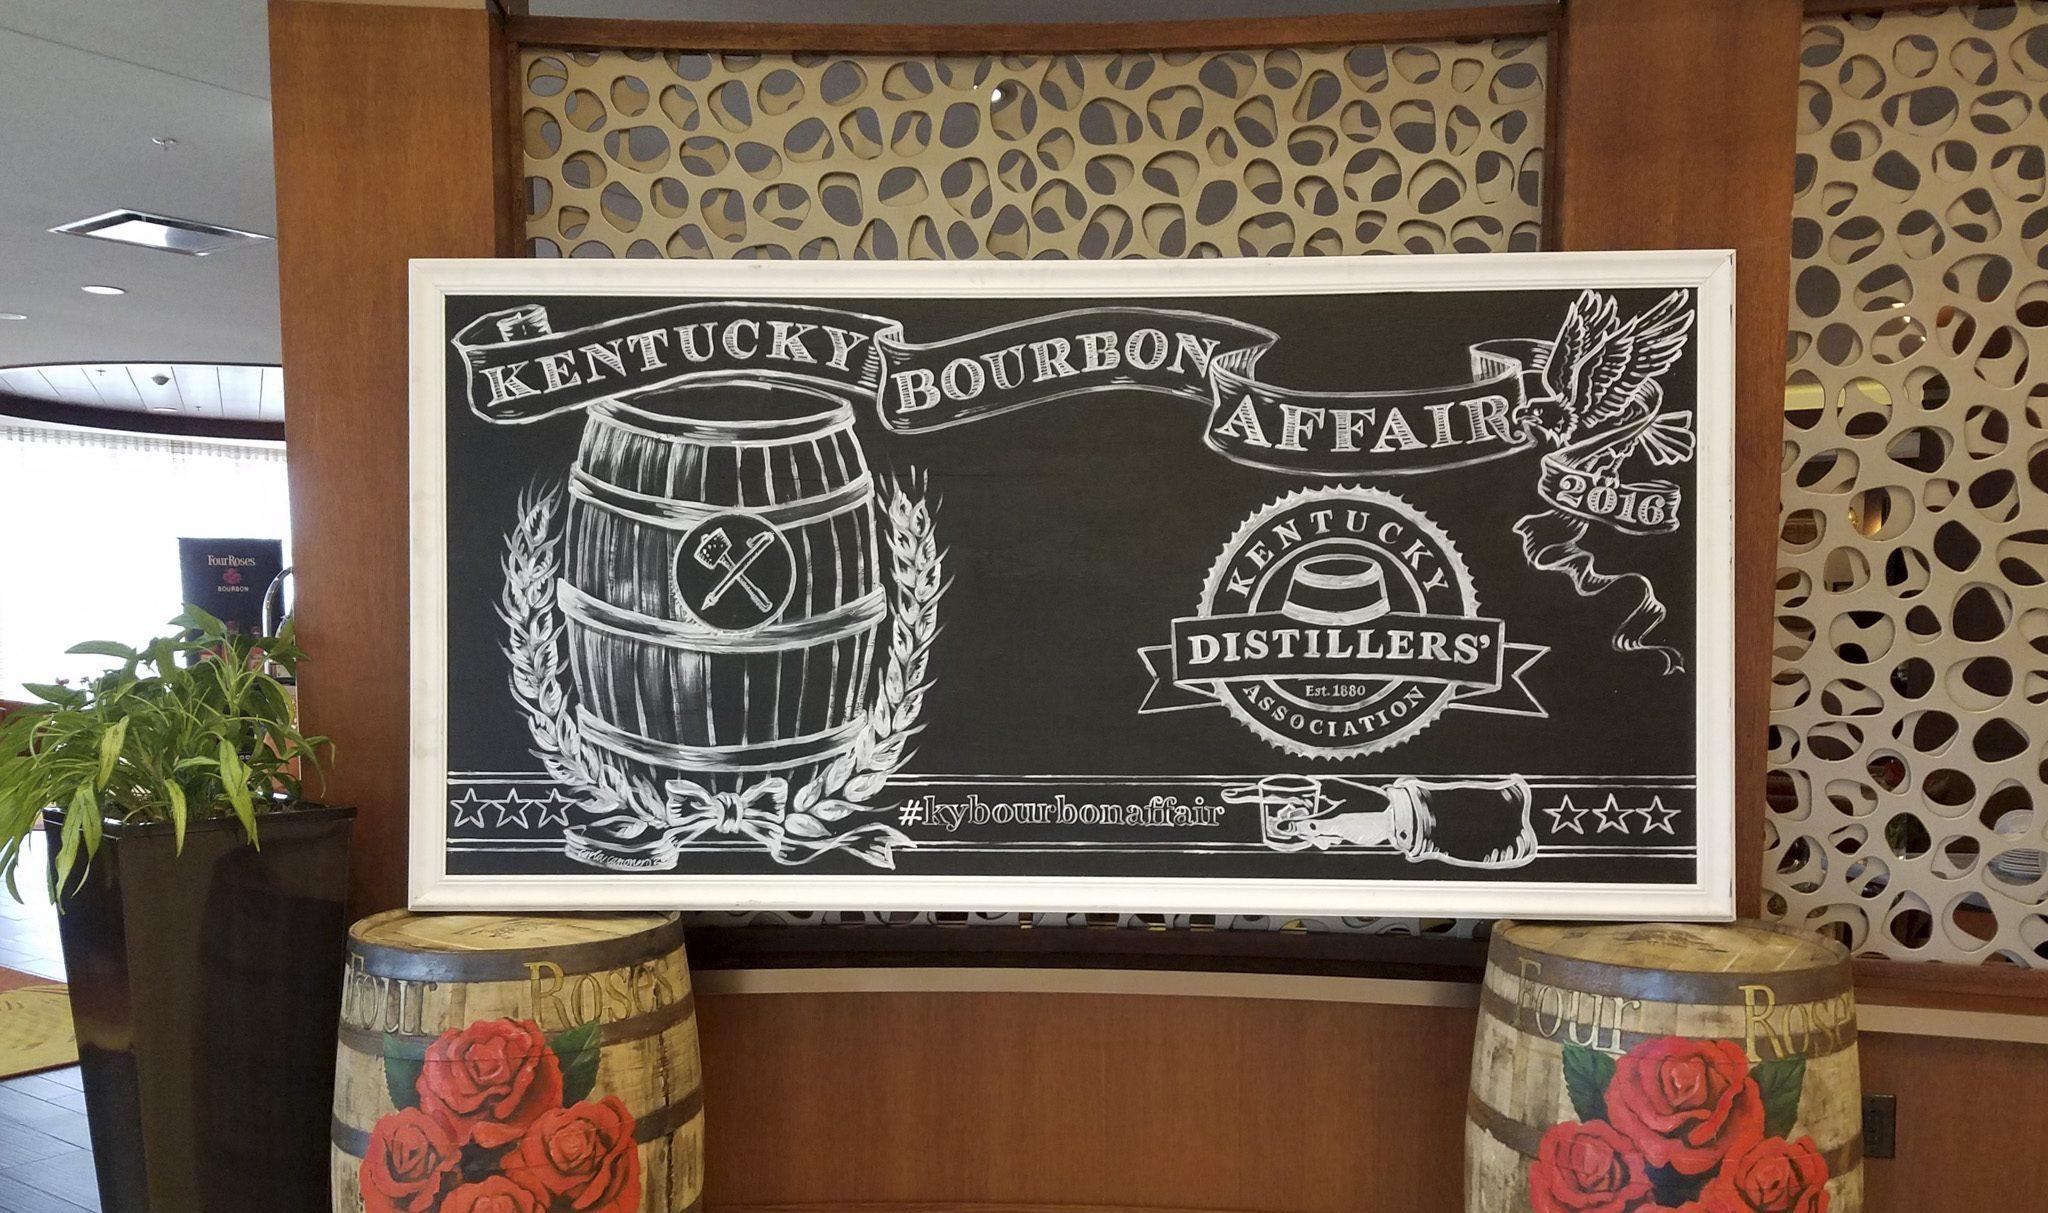 2016 Kentucky Bourbon Affair Recap! Part 1